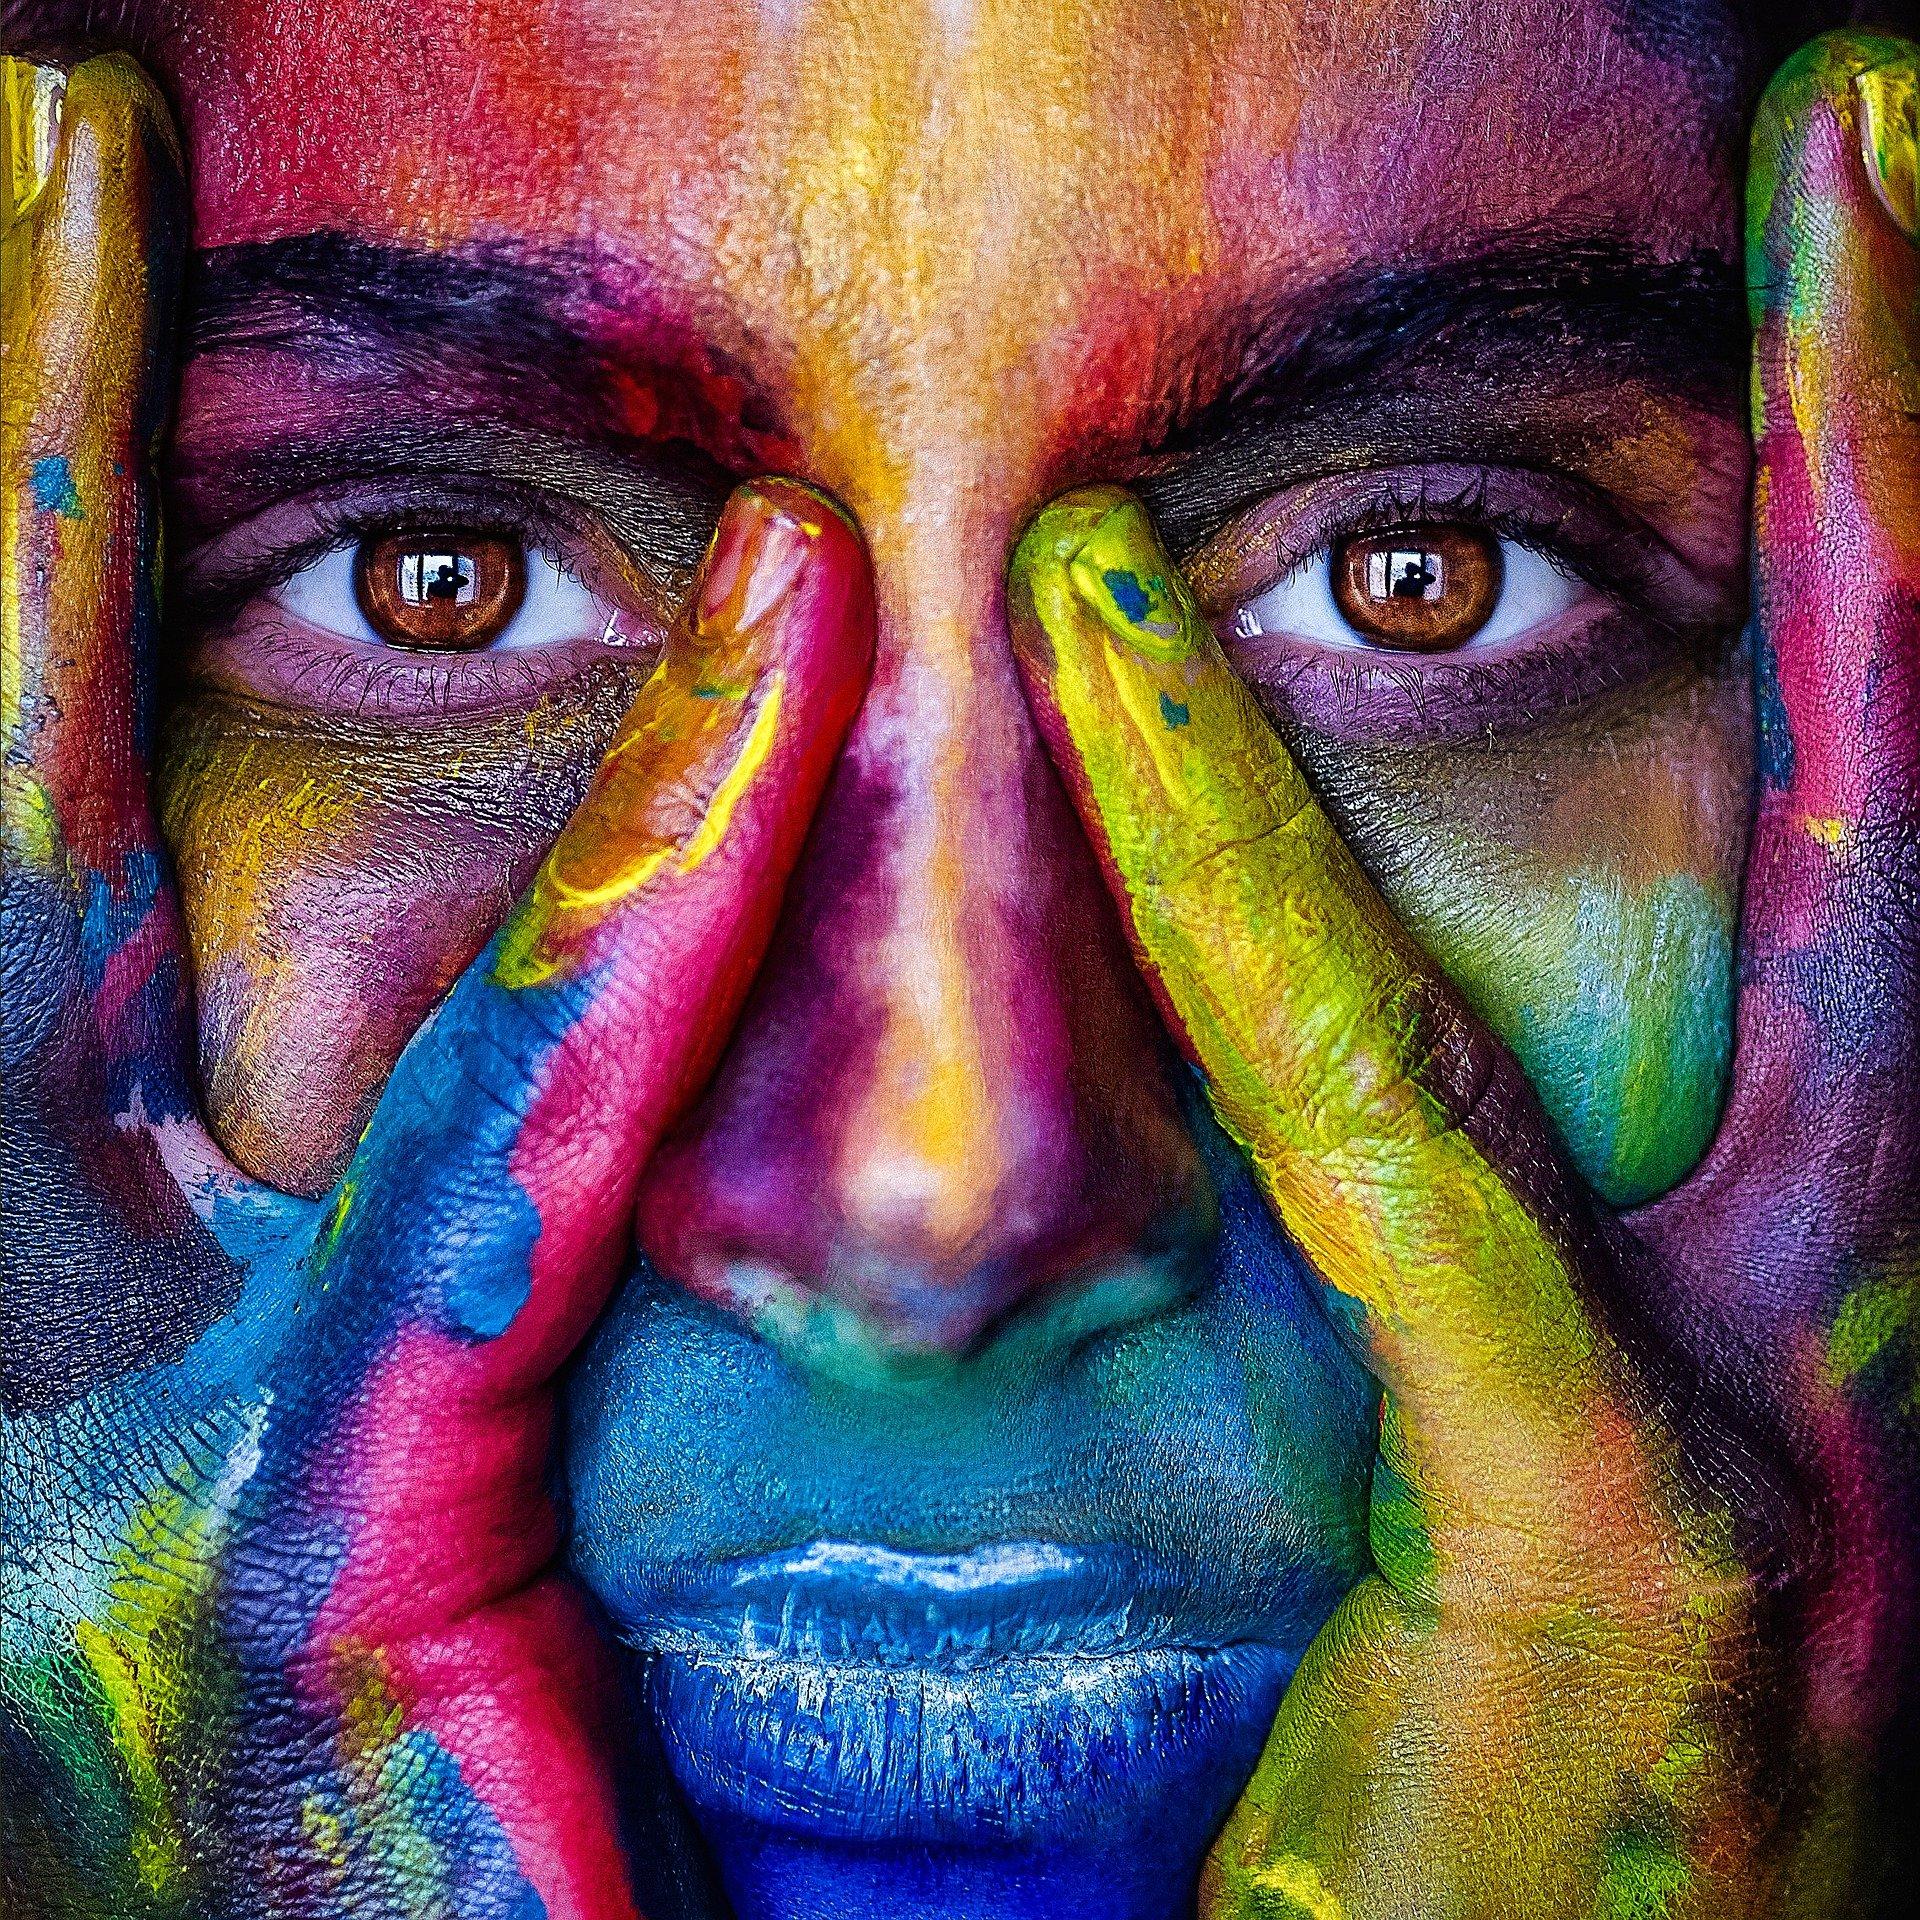 Couleur sur un visage pour exprimer les différentes tonalités